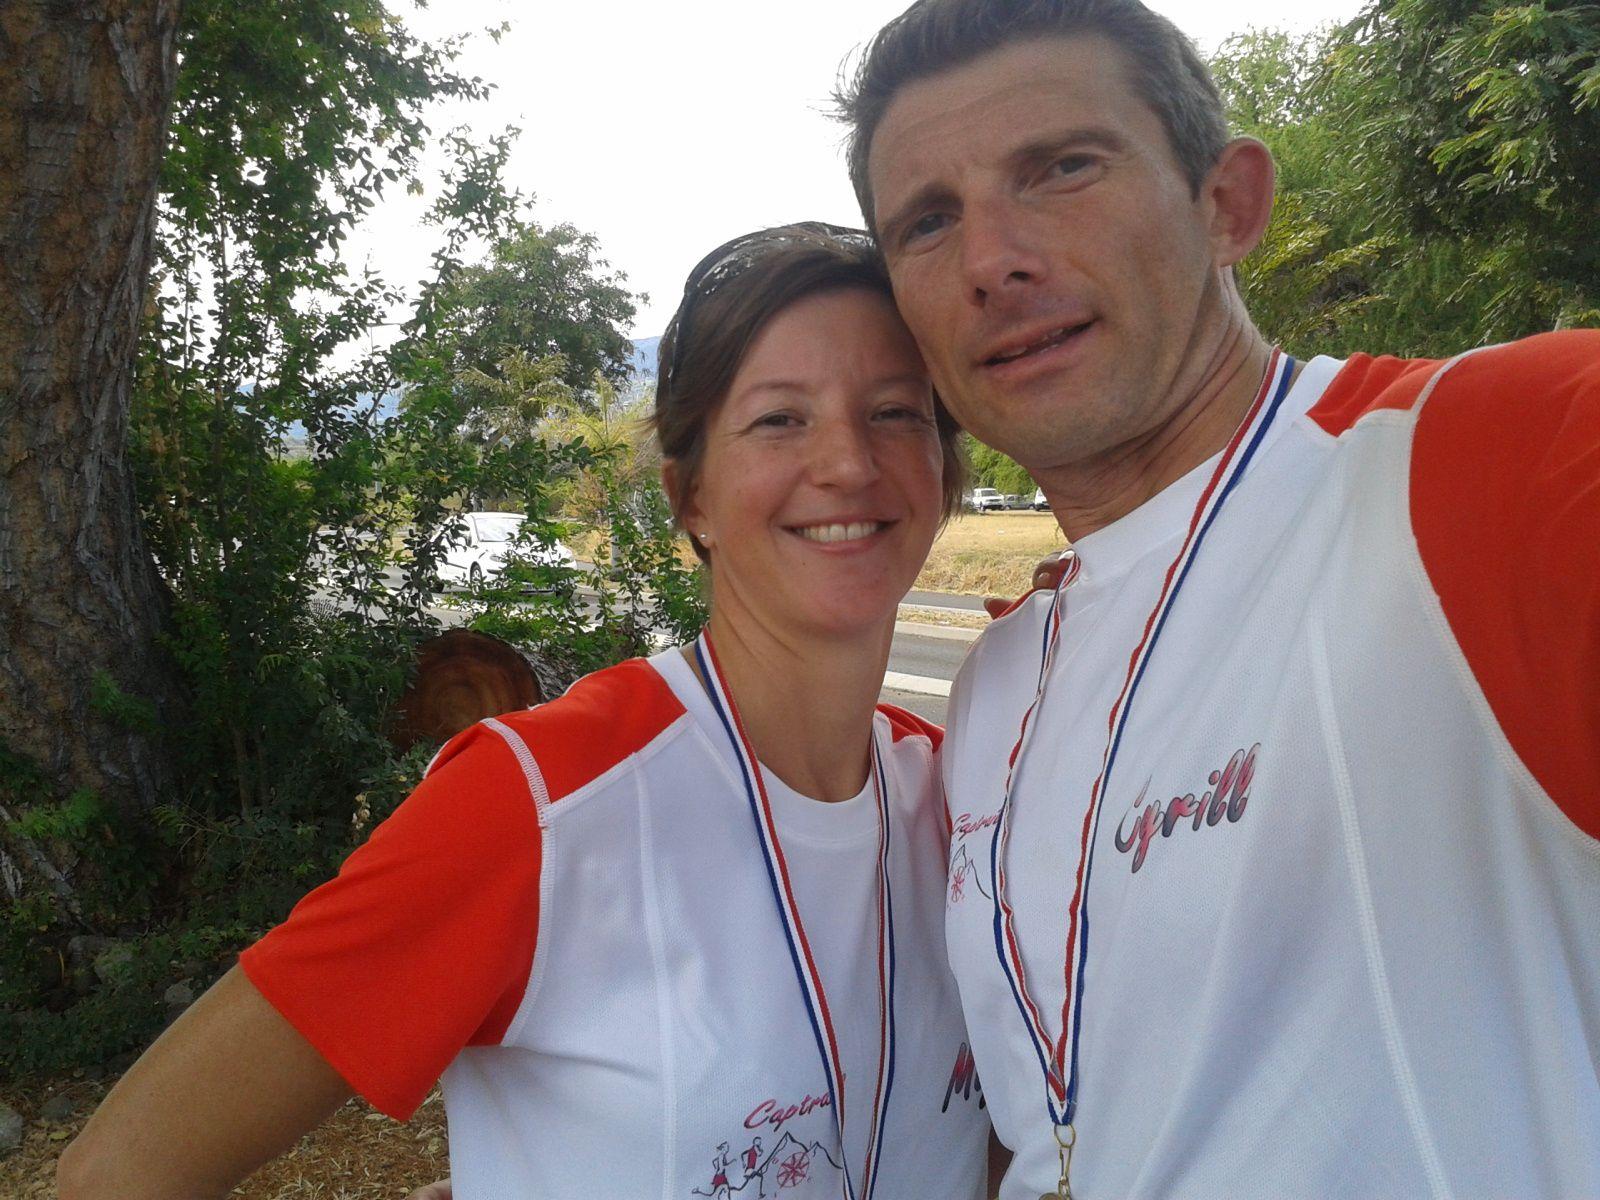 Course: Marathon de Saint Paul